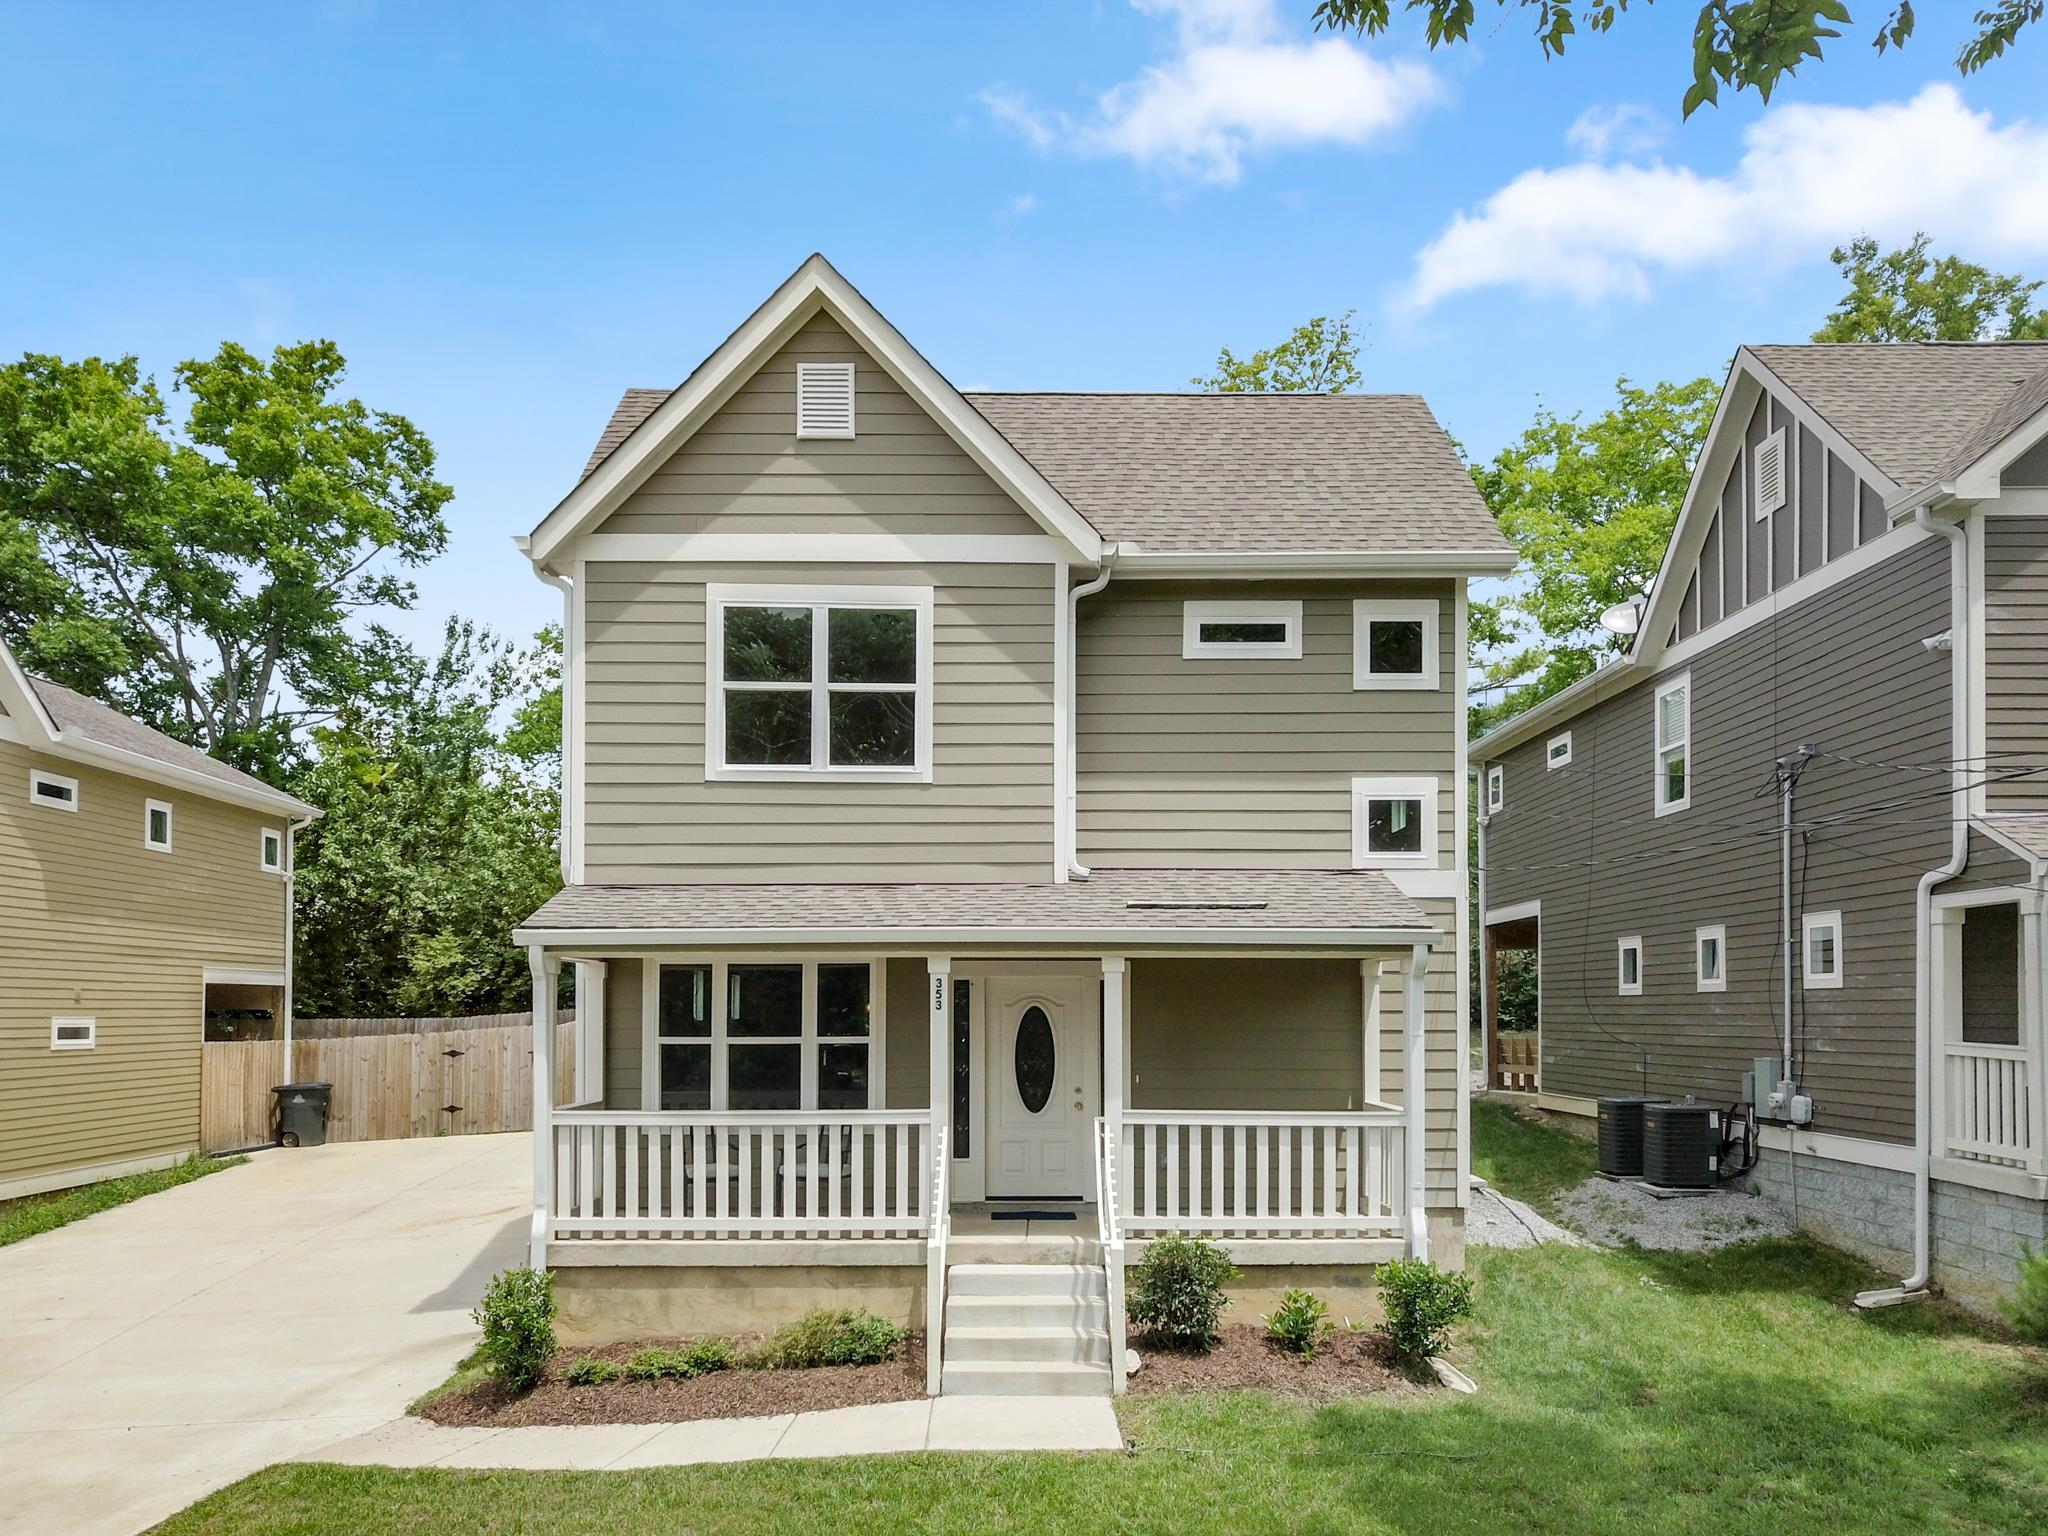 353 Flora Maxwell Rd, Nashville, TN 37211 - Nashville, TN real estate listing